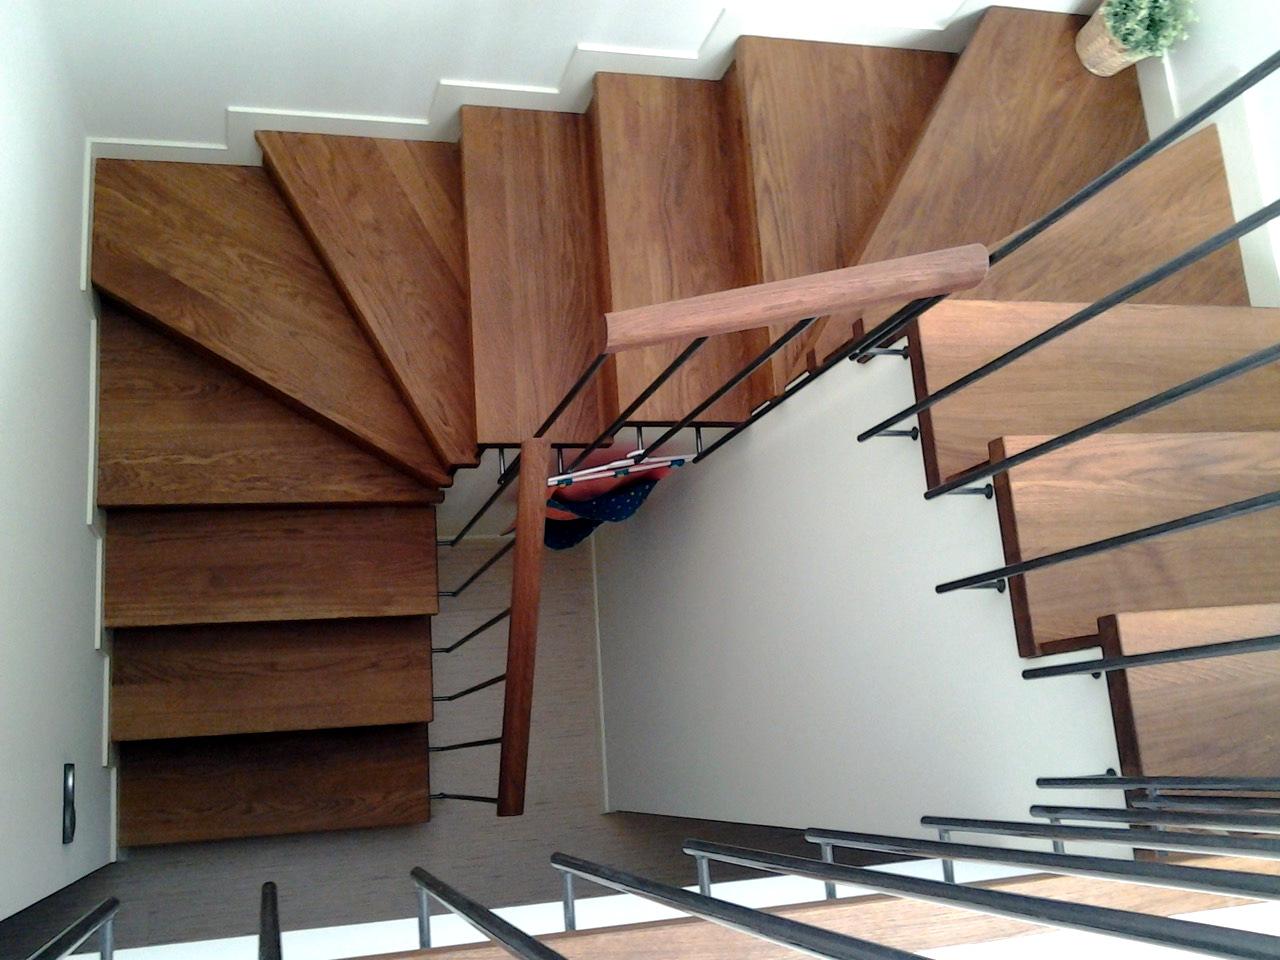 ESCALES DE DISSENY Escales i baranes a mida en fustes nobles o combinades amb altres materials tant per a interiors com exteriors. Rectes, d'anada i tornada, en U, ovalades, elíptiques, de cargol o compensades.